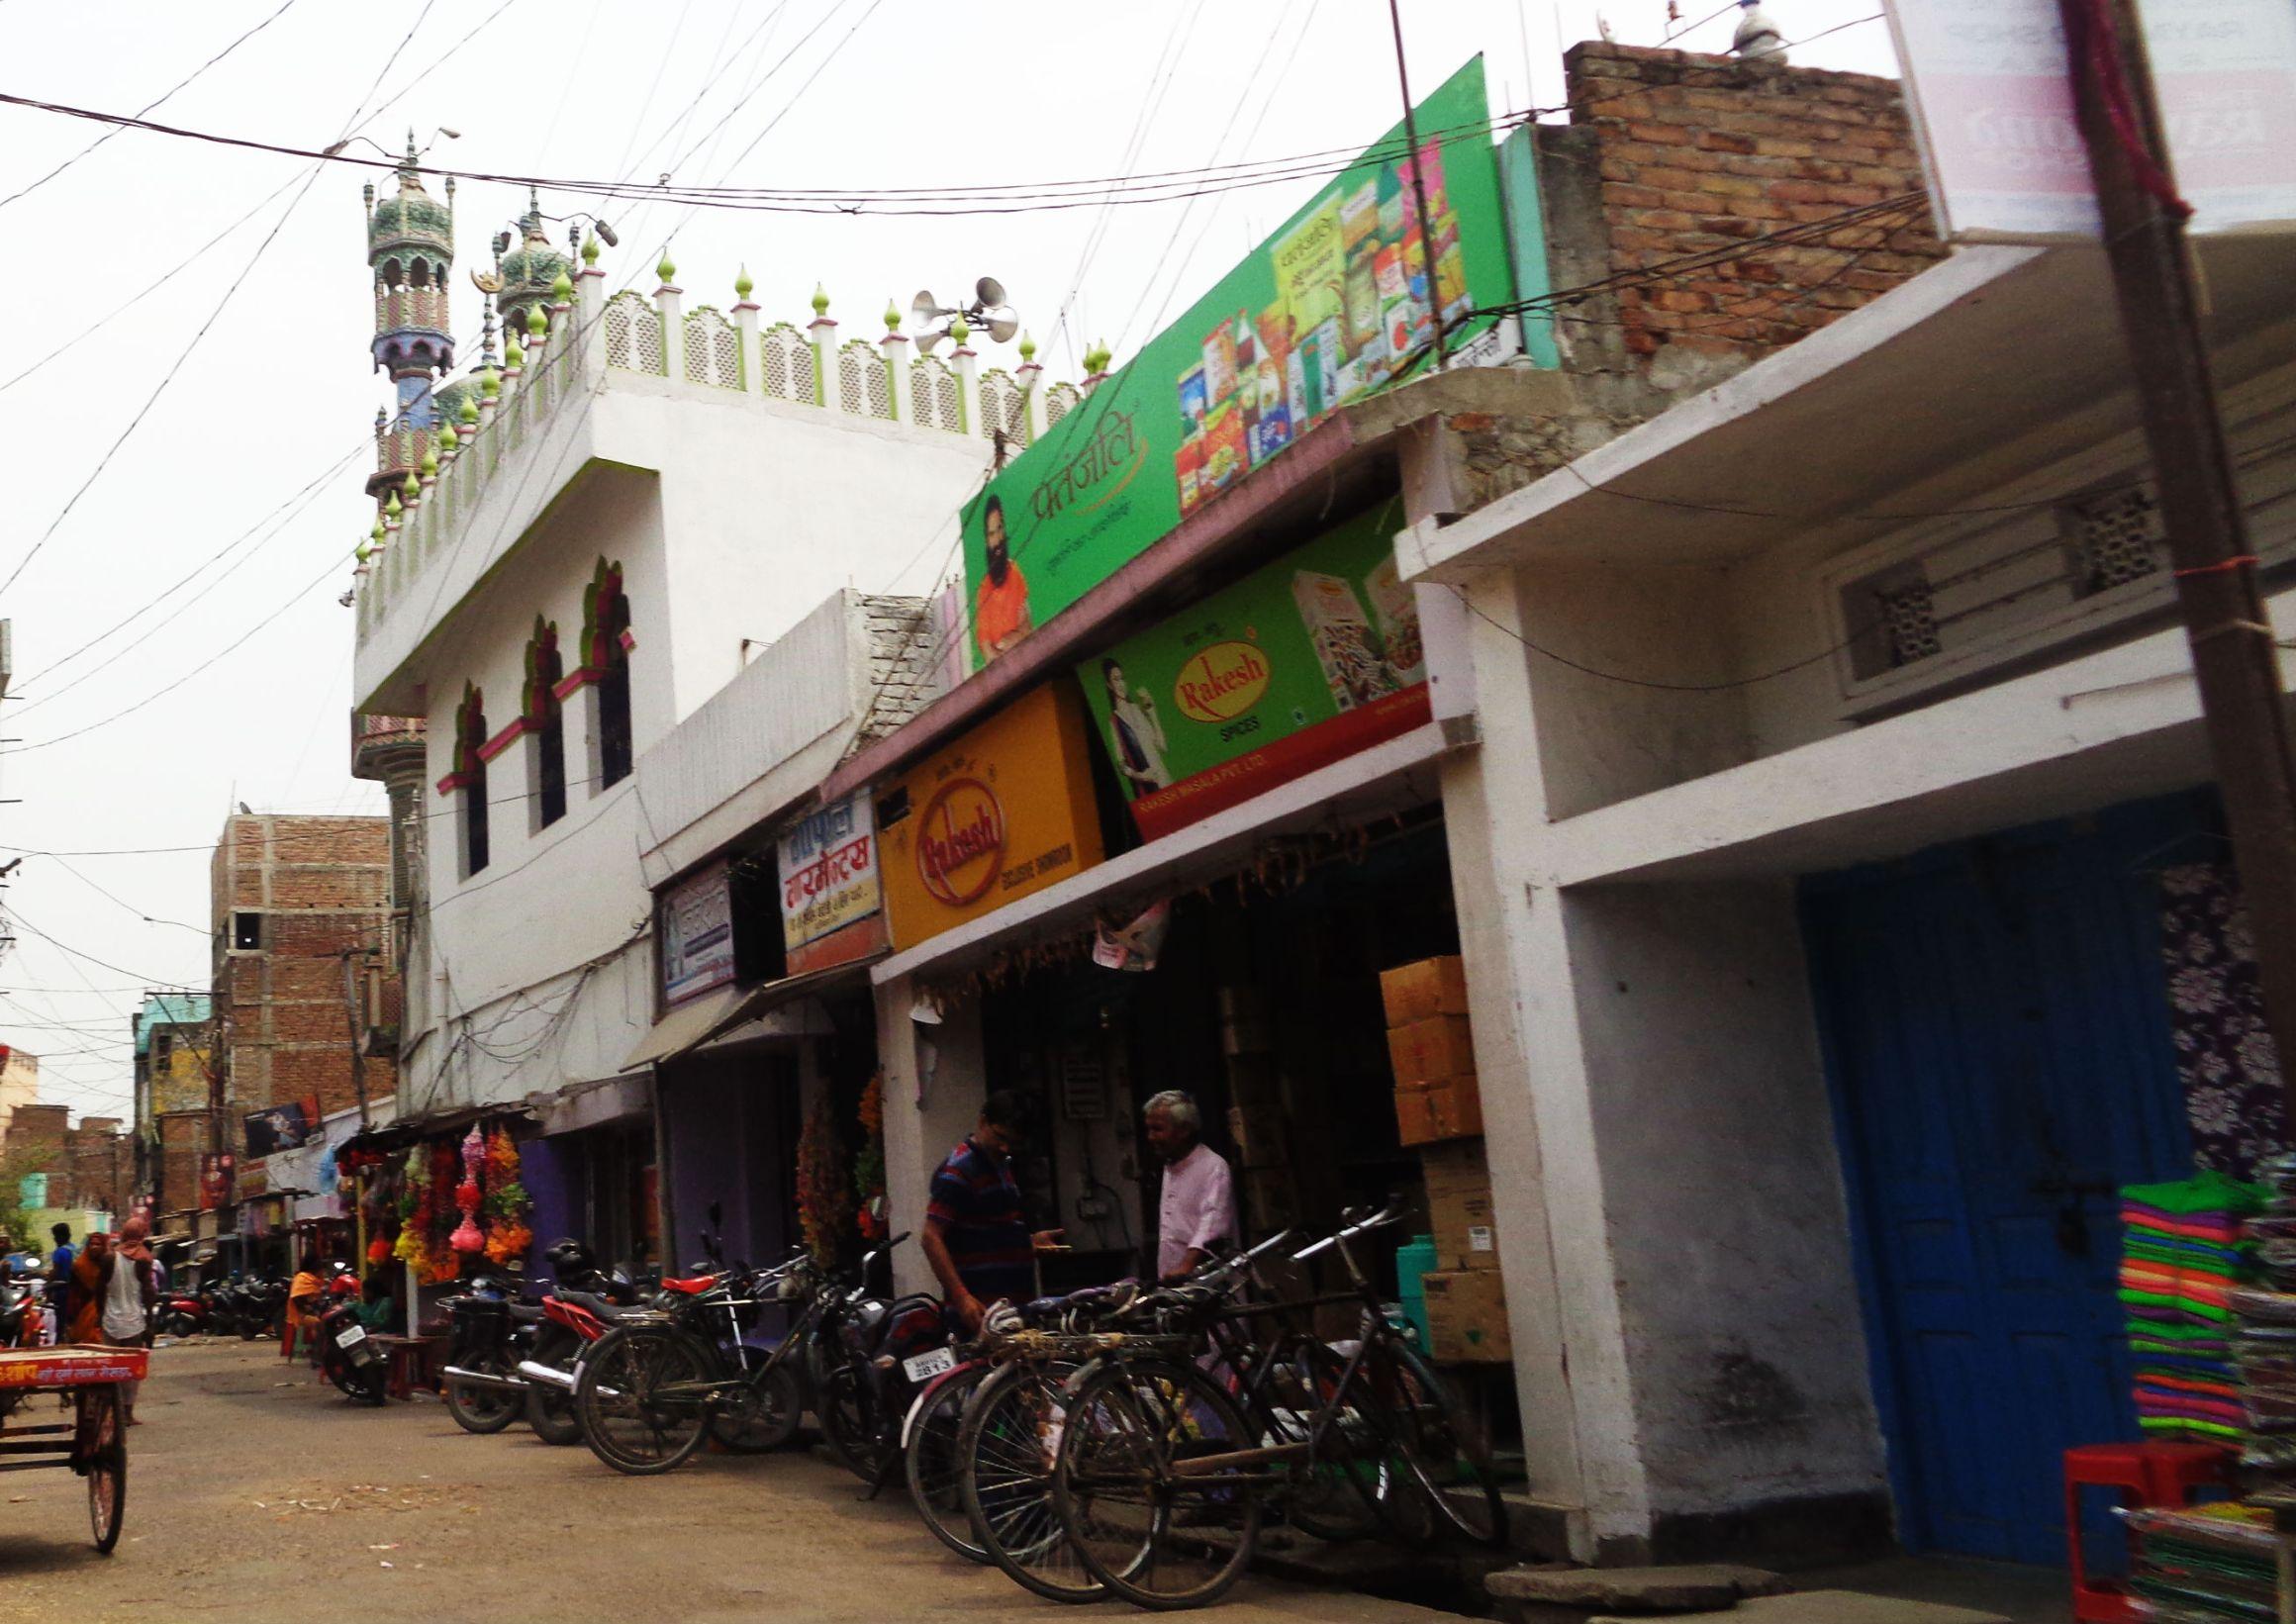 روسڑا کے گدڑی بازار کی جامع مسجد سے منسلک چھجہ سے مورتی کے وسرجن کے جلوس میں مبینہ طور پر چپل پھینکی گئی تھی۔ (فوٹو : امیش کمار رائے)